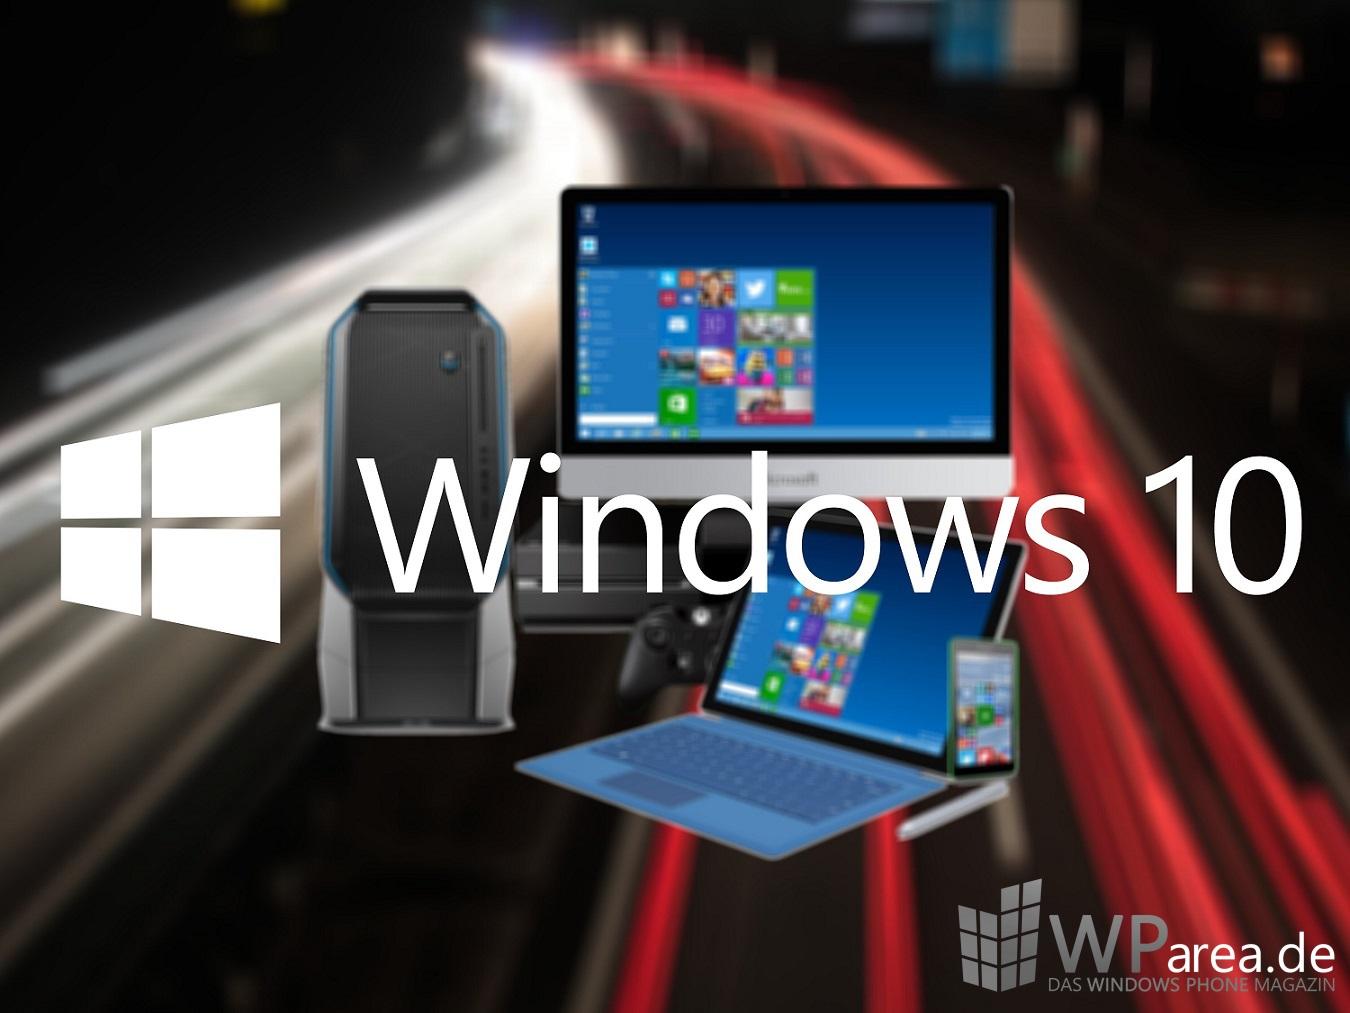 Windows 10 Geräte WParea.de